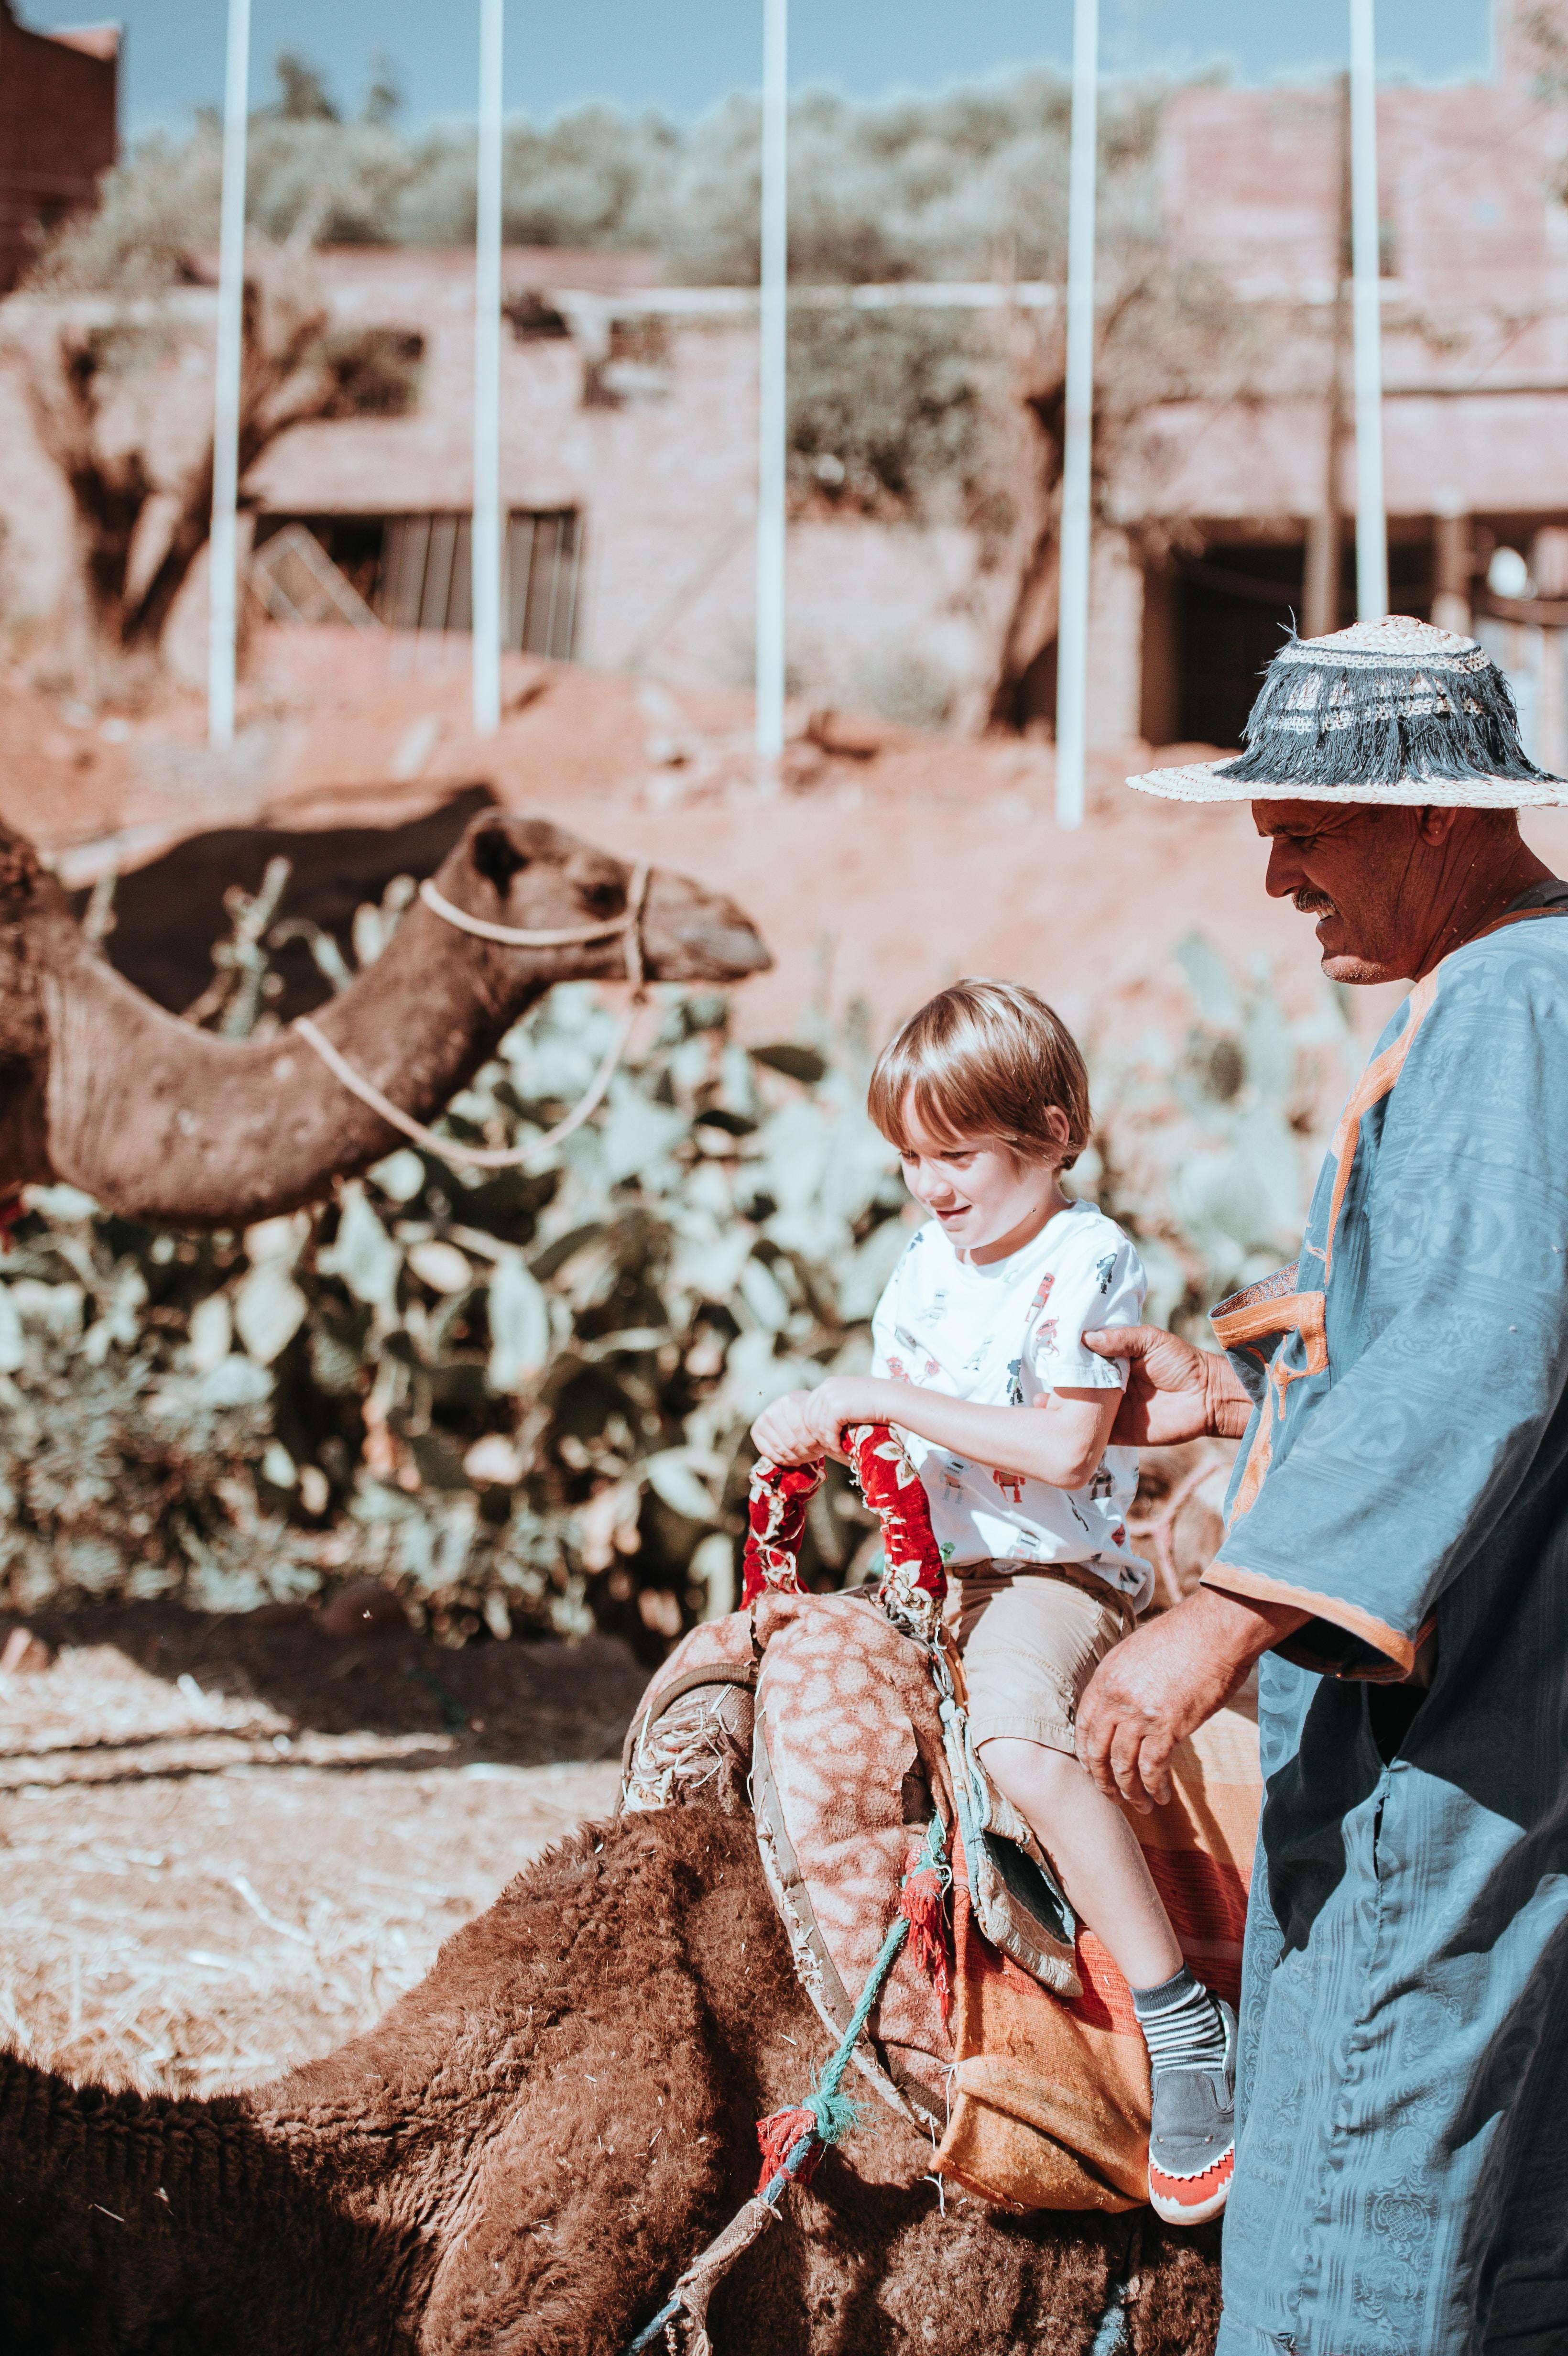 kid riding on brown camel beside man wearing green coat at daytime